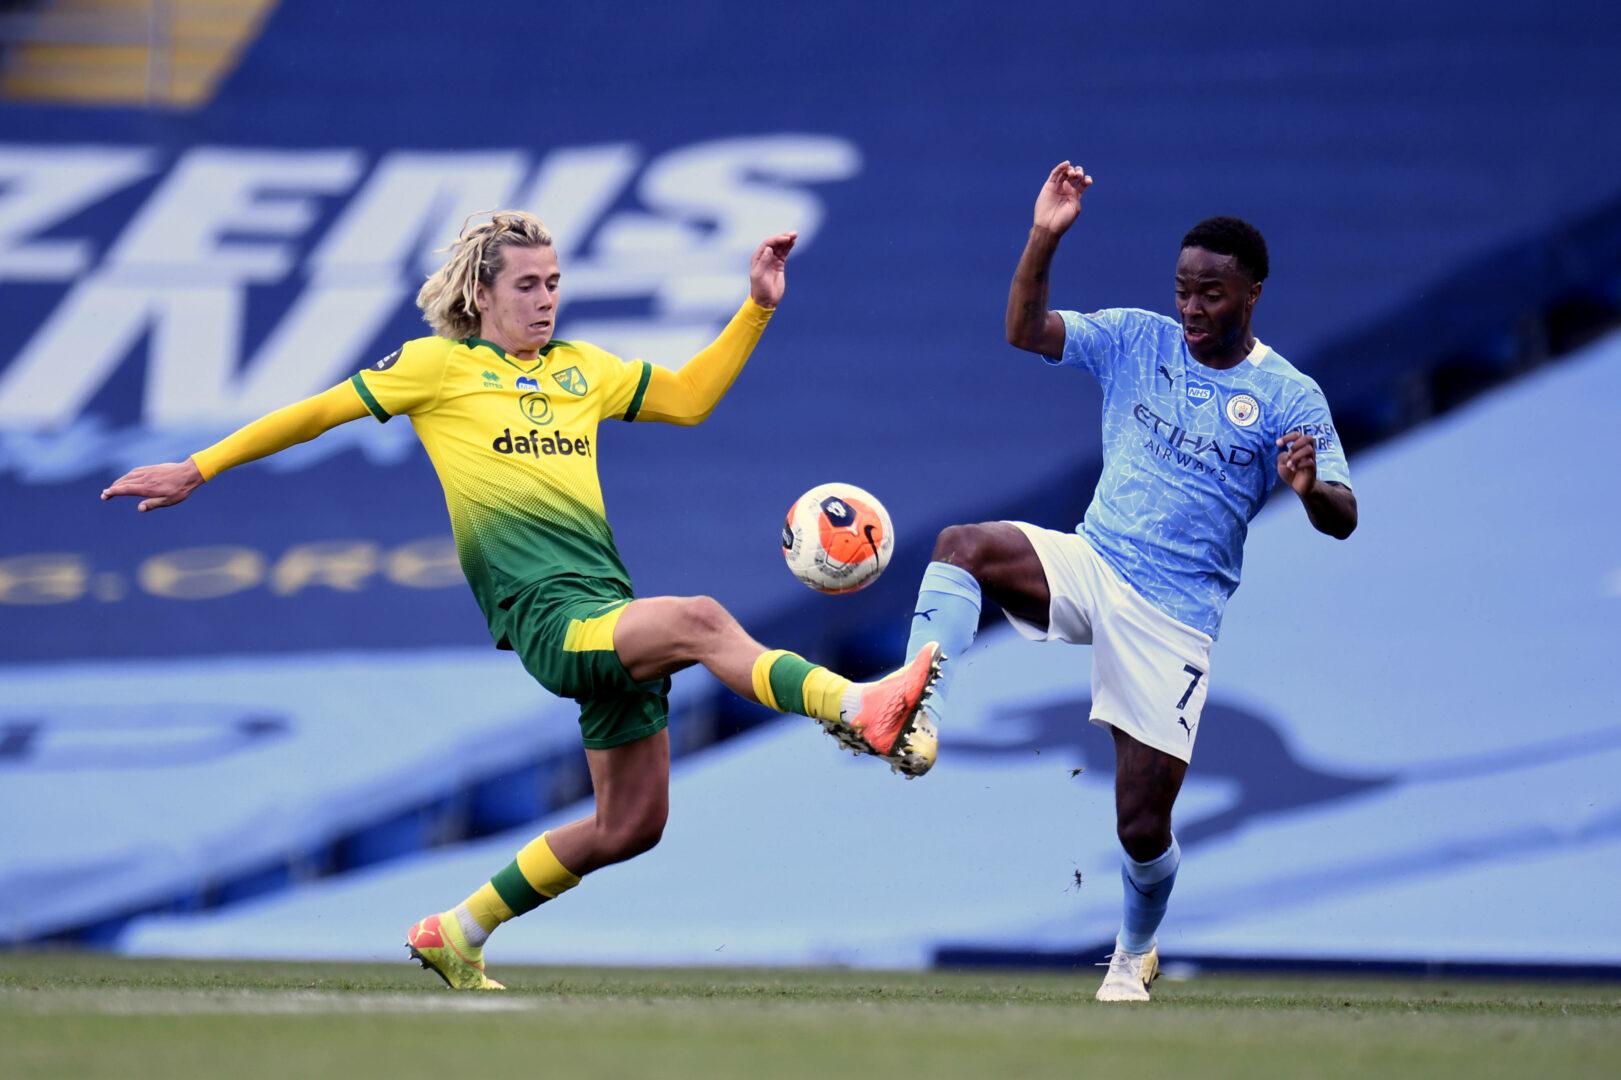 Manchester City und Norwich City duellierten sich zuletzt am 26.07.2020. Damals siegte der Favorit mit 5:0.